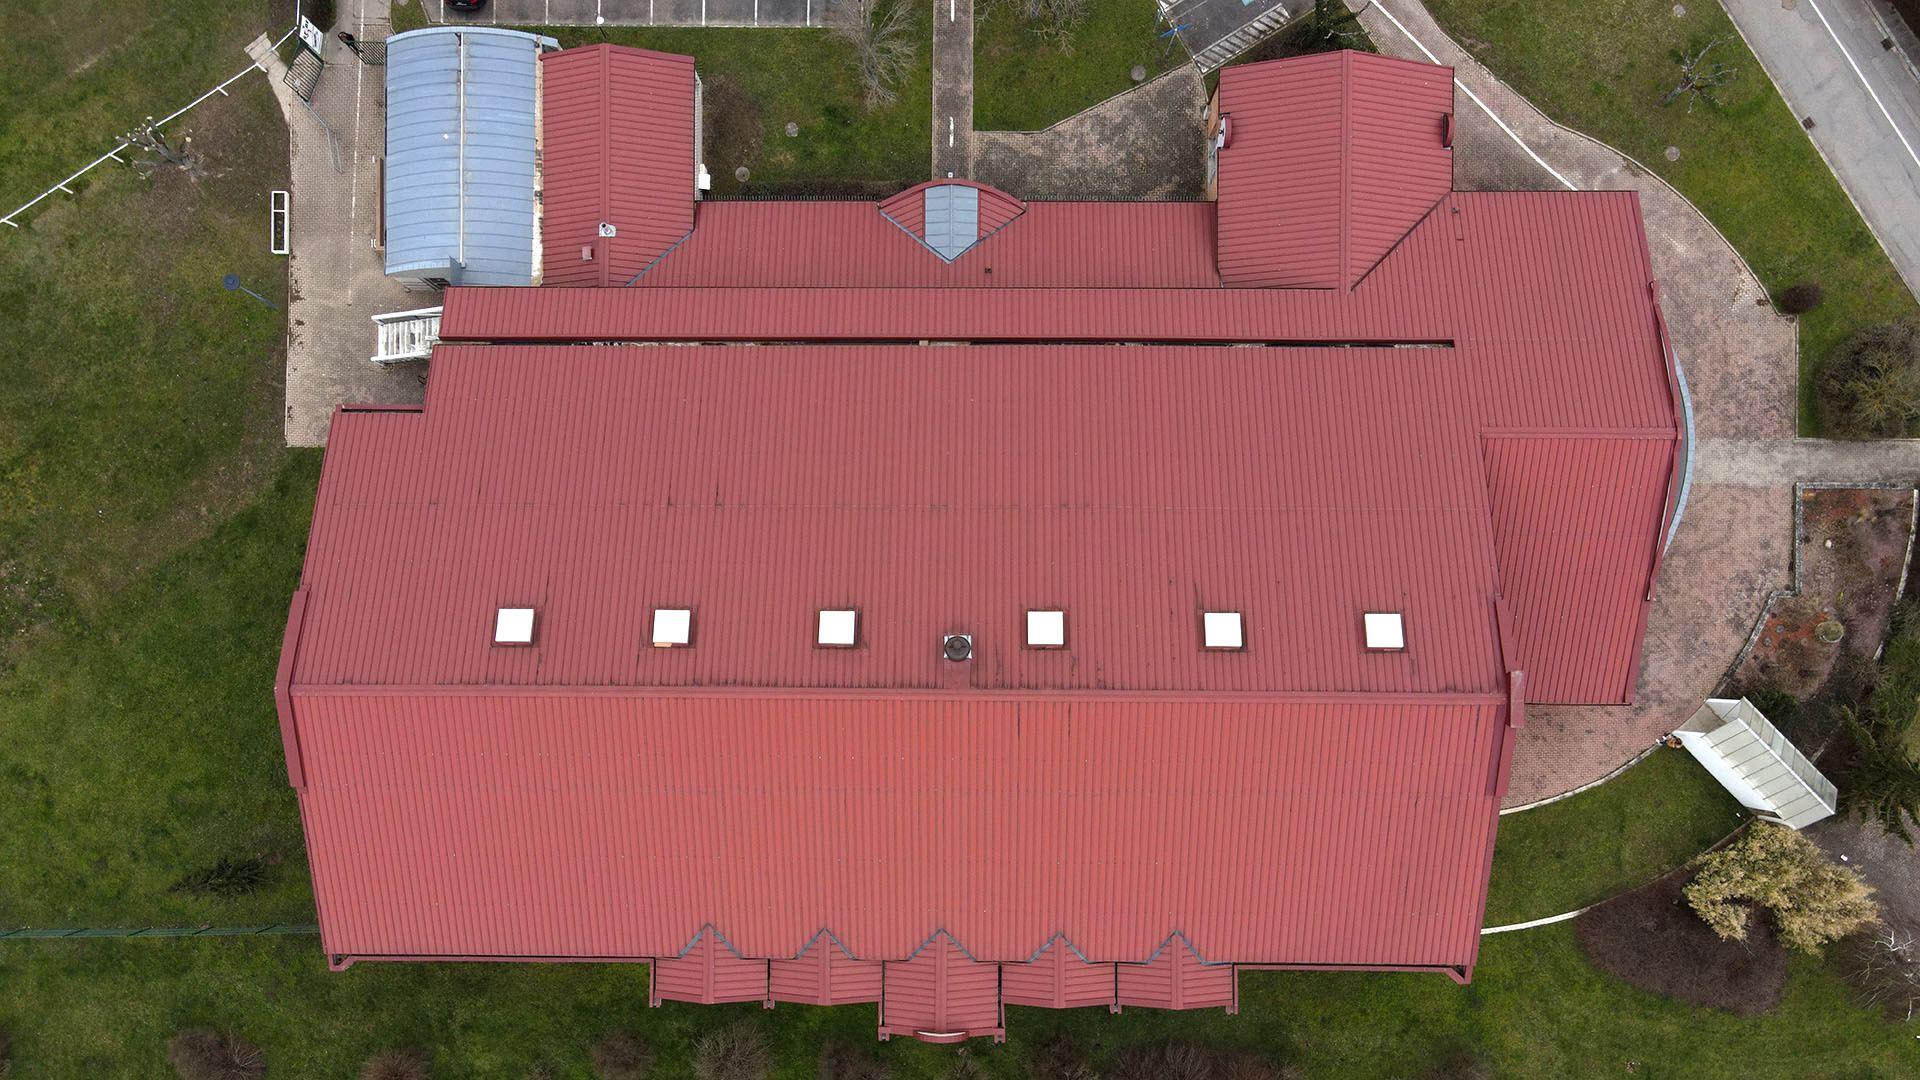 Une centrale photovoltaïque pour Richwiller : les panneaux seront posés sur le versant sud du toit